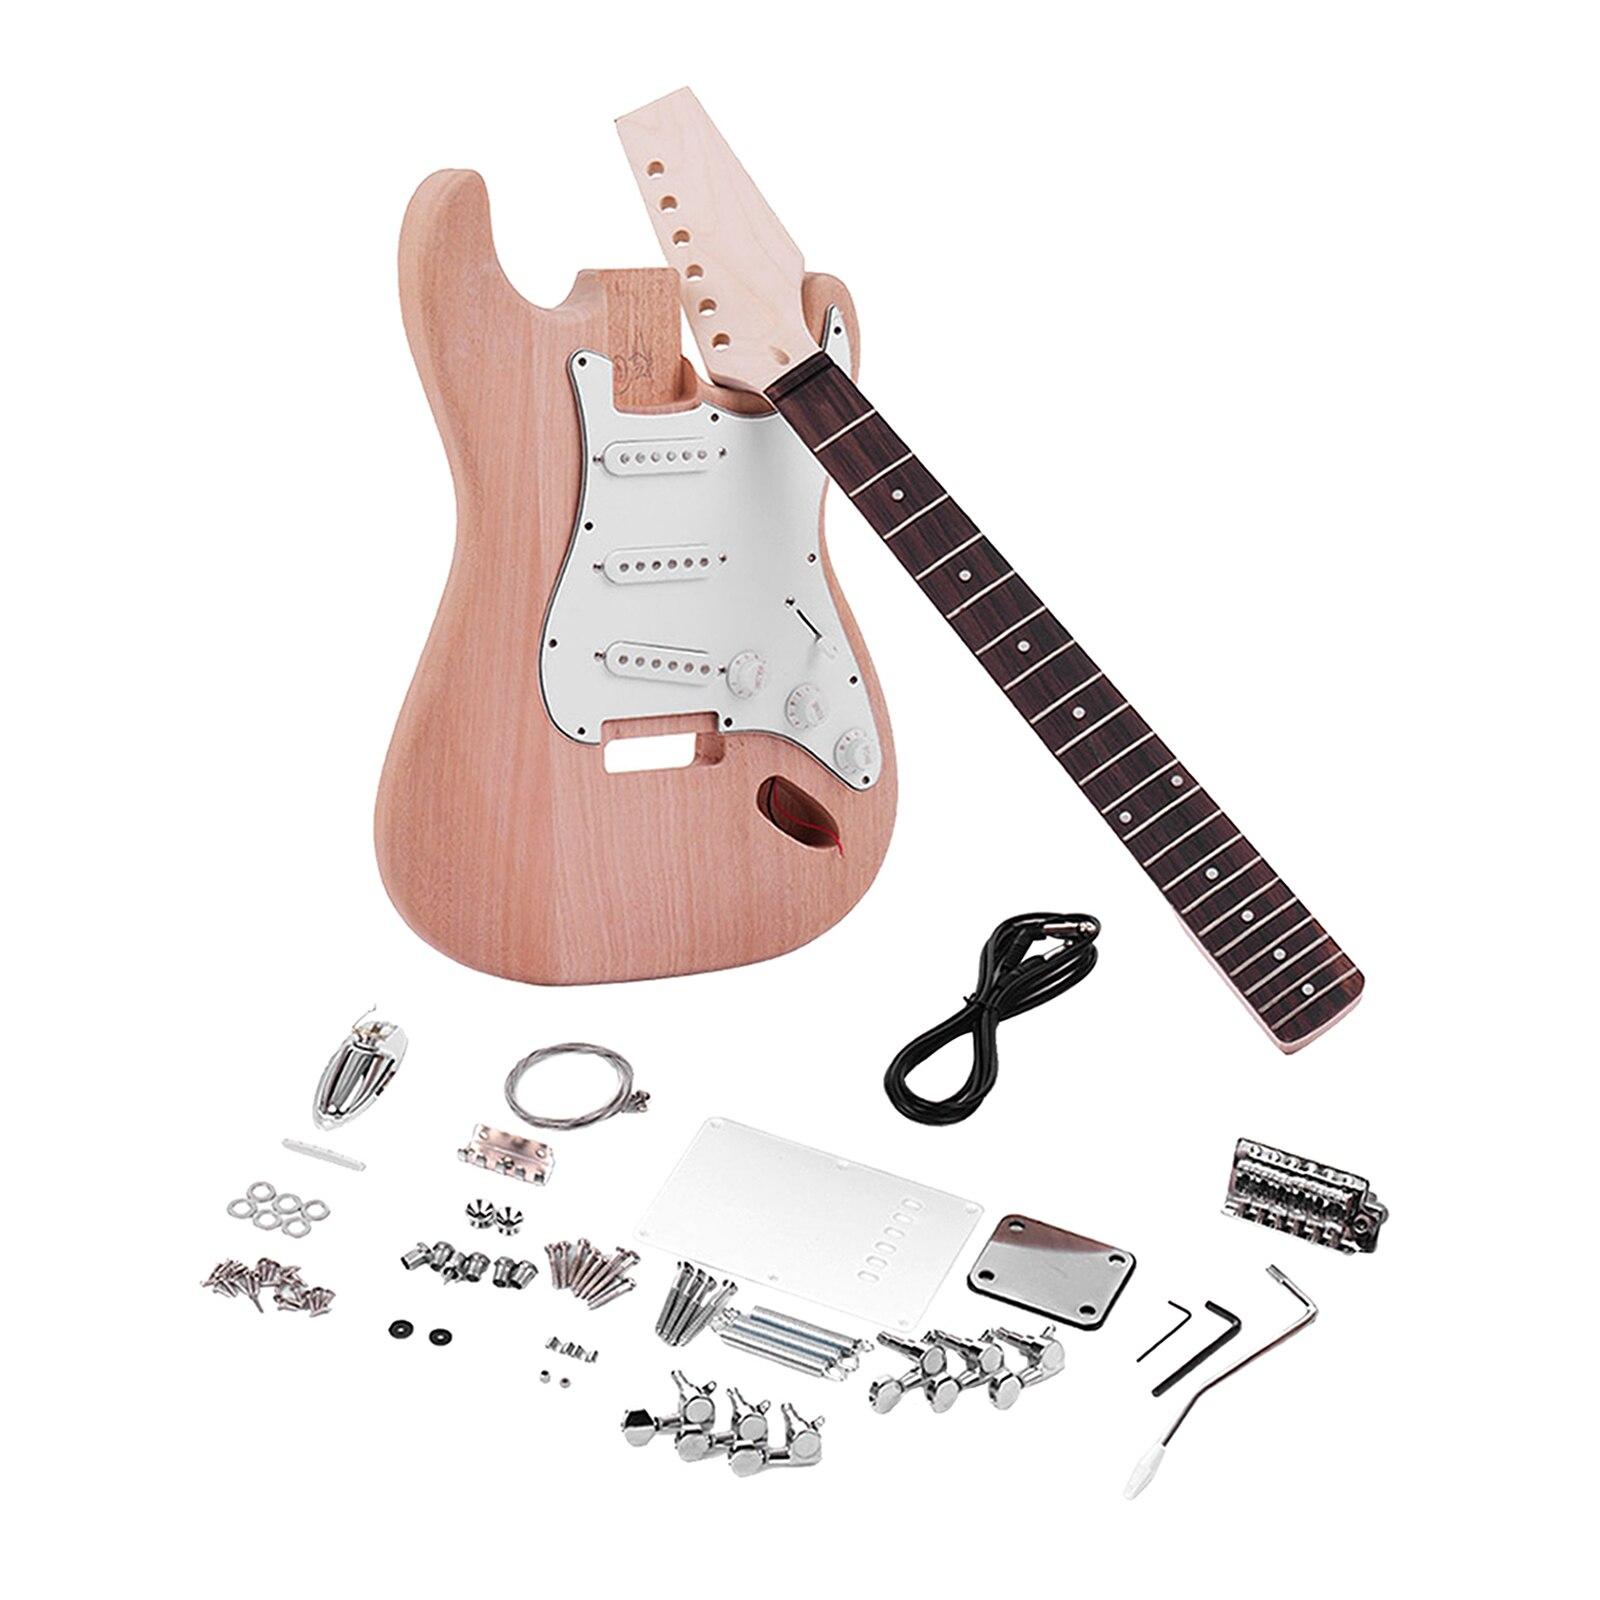 طقم جيتار كهربائي من خشب الماهوجني ، قطع غيار غير مكتملة ، هدية لمحبي الجيتار على طراز ST